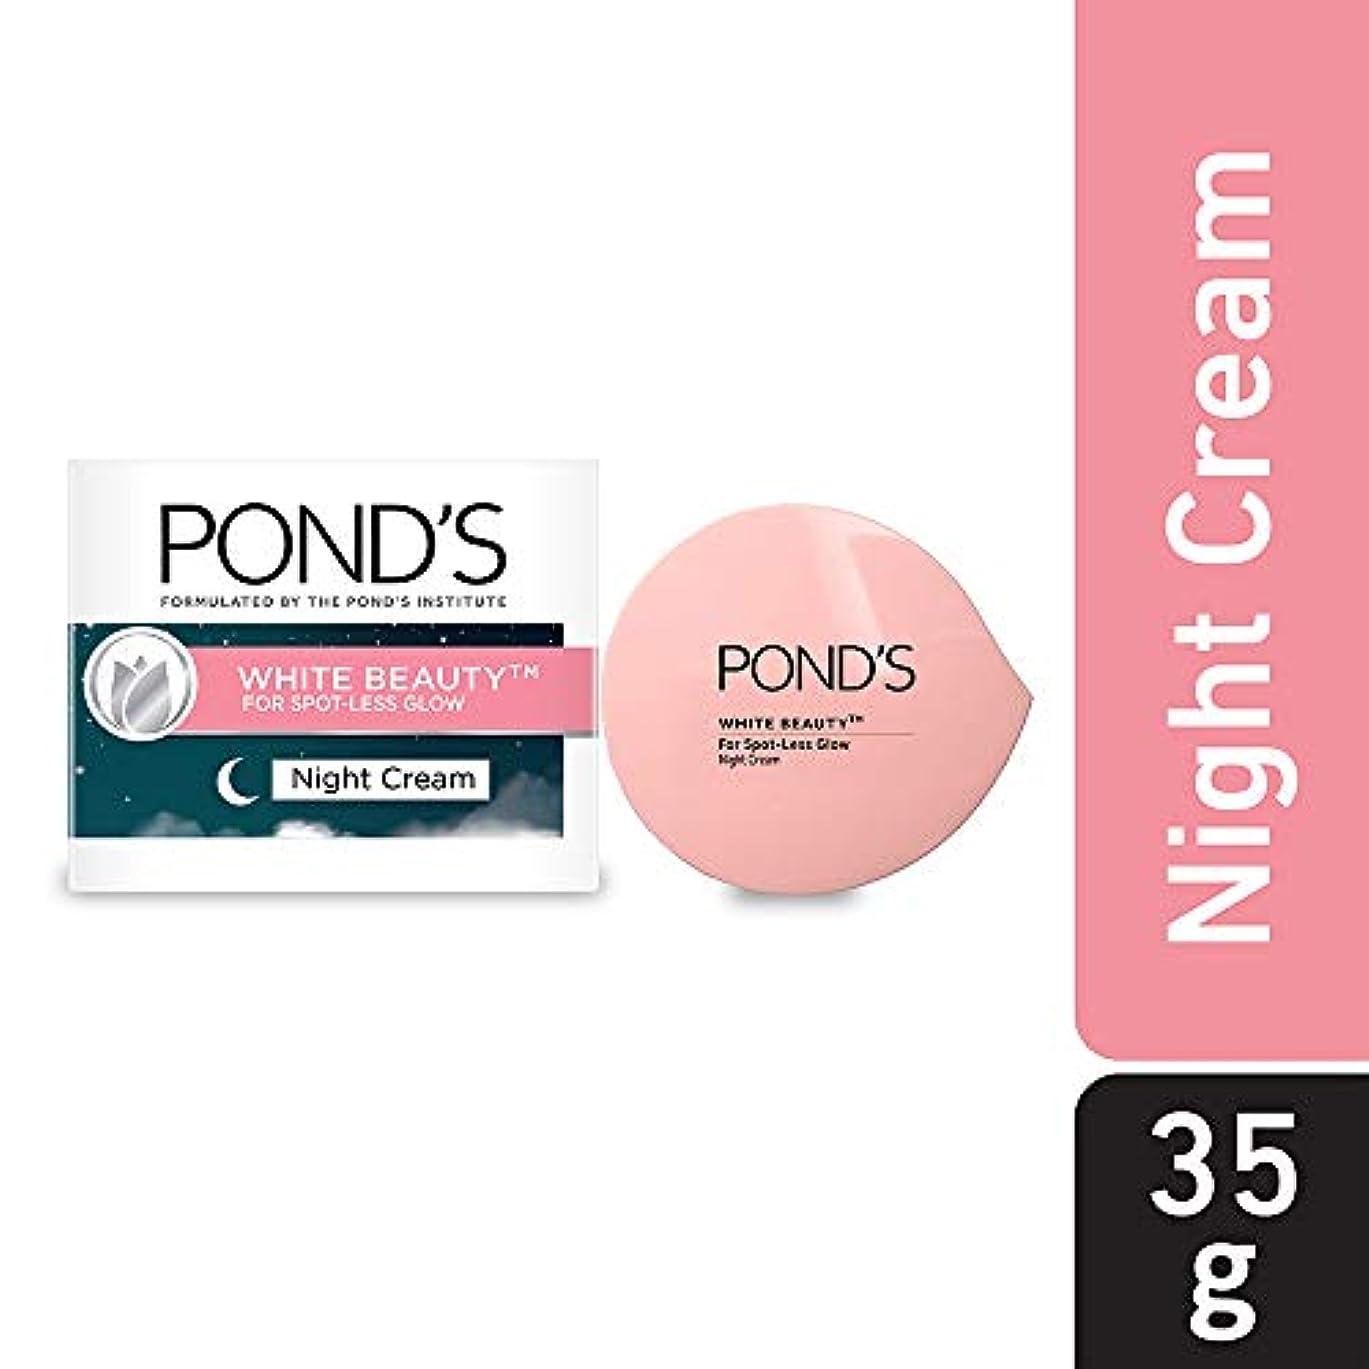 散歩に行くシロナガスクジラ受信機POND'S White Beauty Night Cream, 35 g - India (並行インポート)